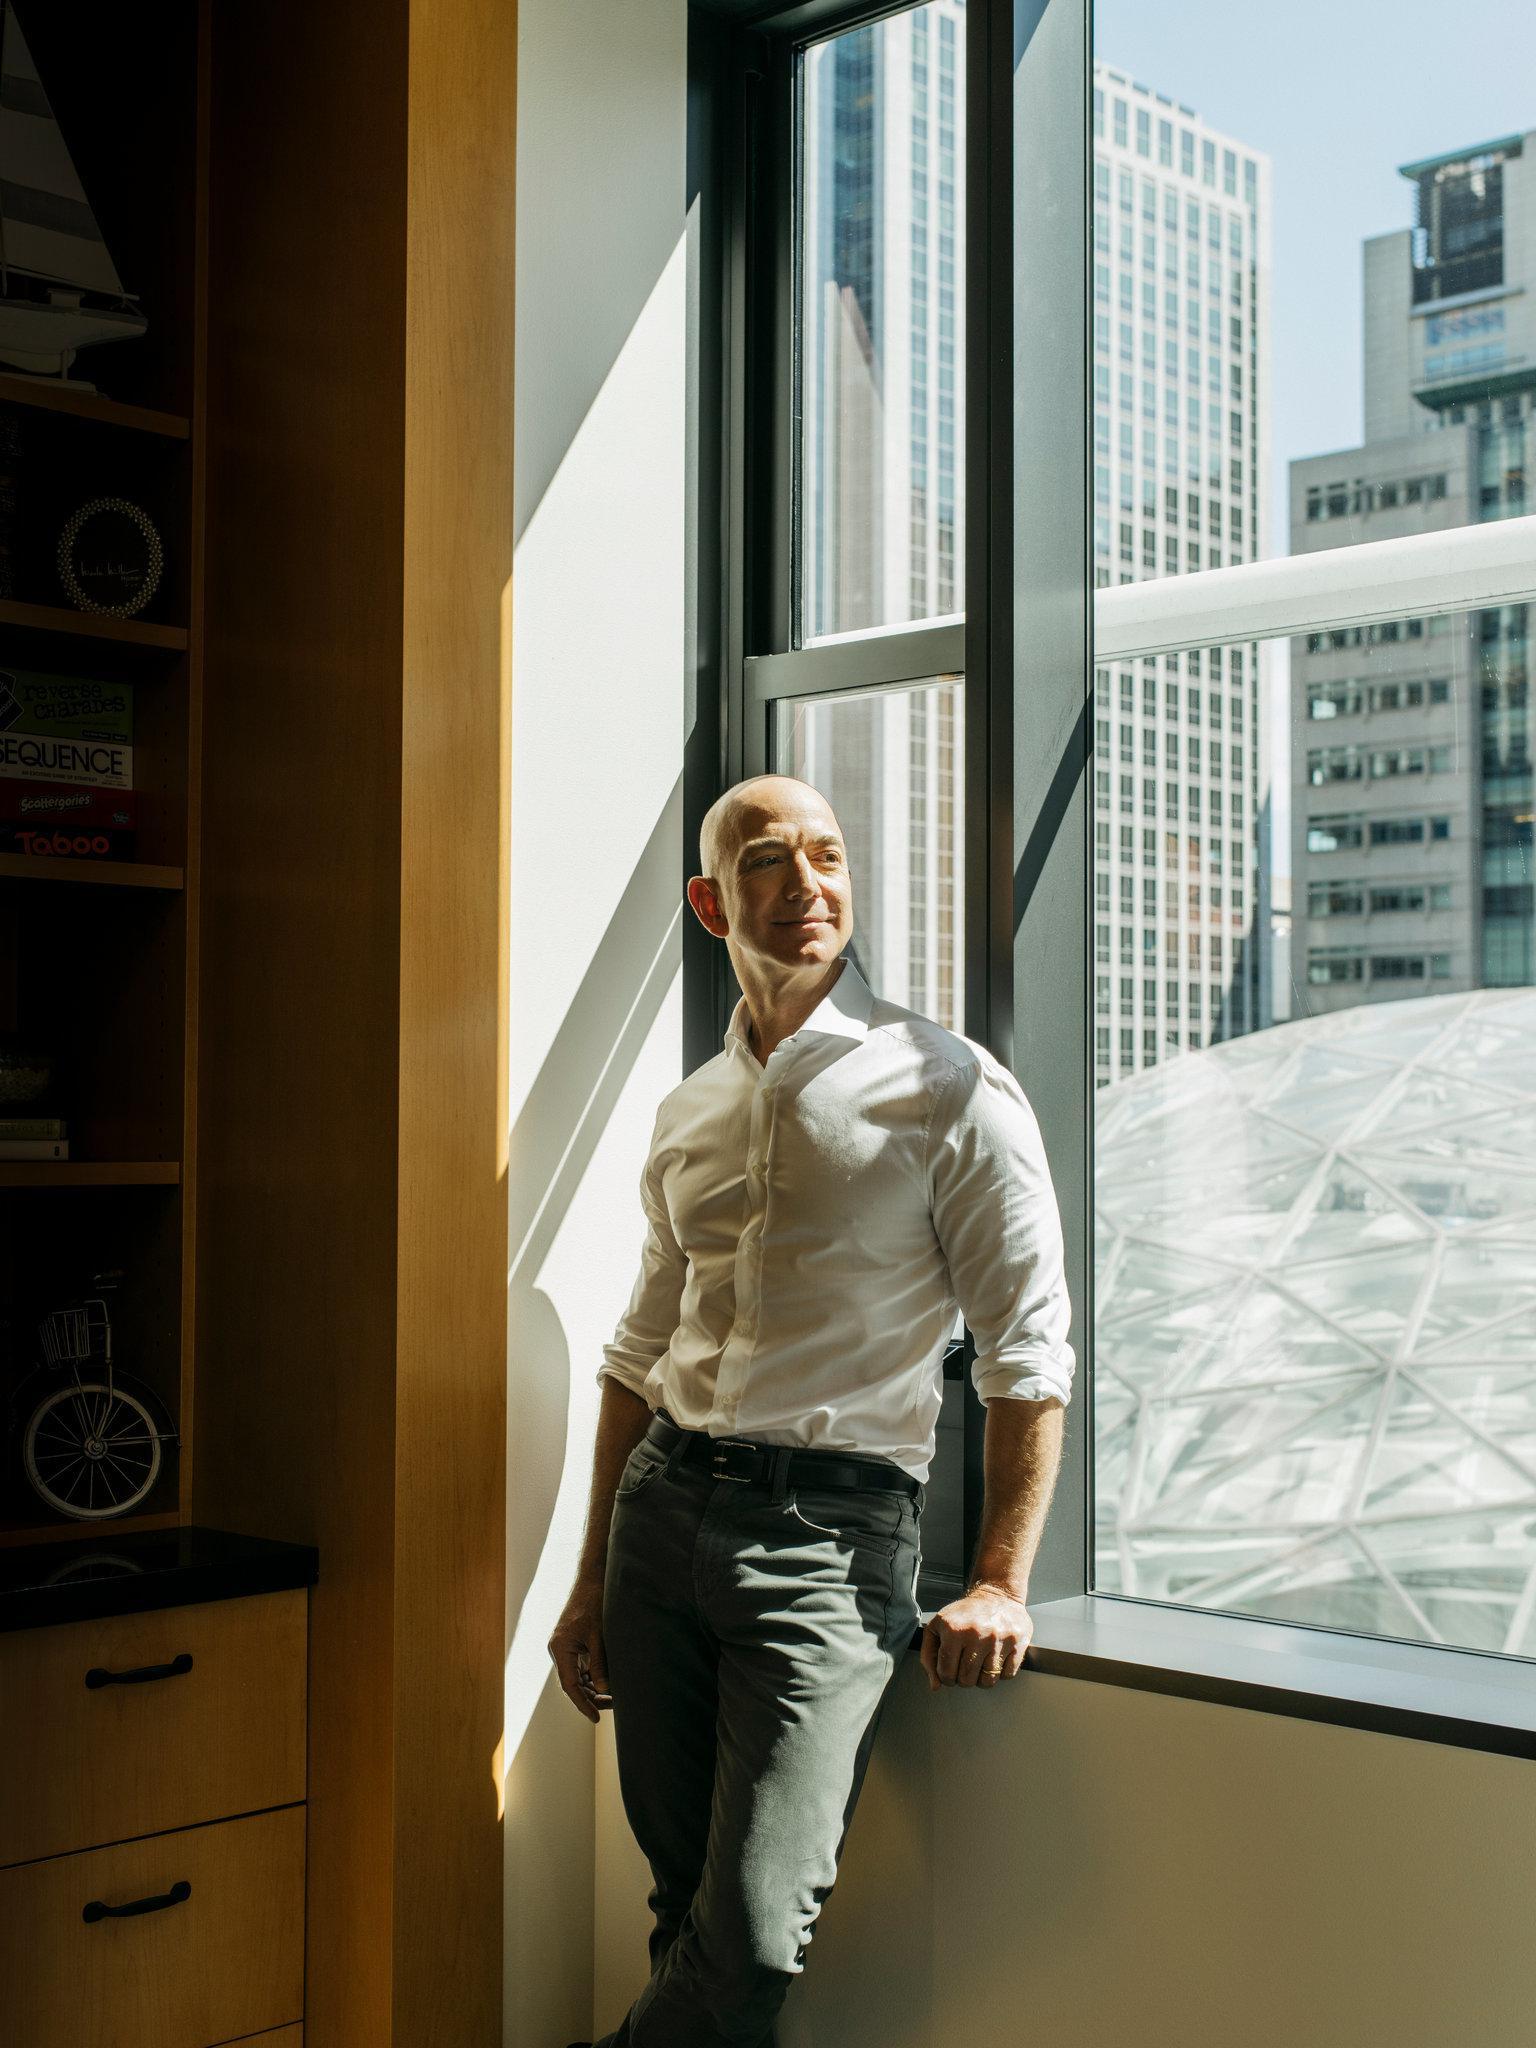 纽约时报:贝佐斯太有钱不正常,他应该让美国更公平